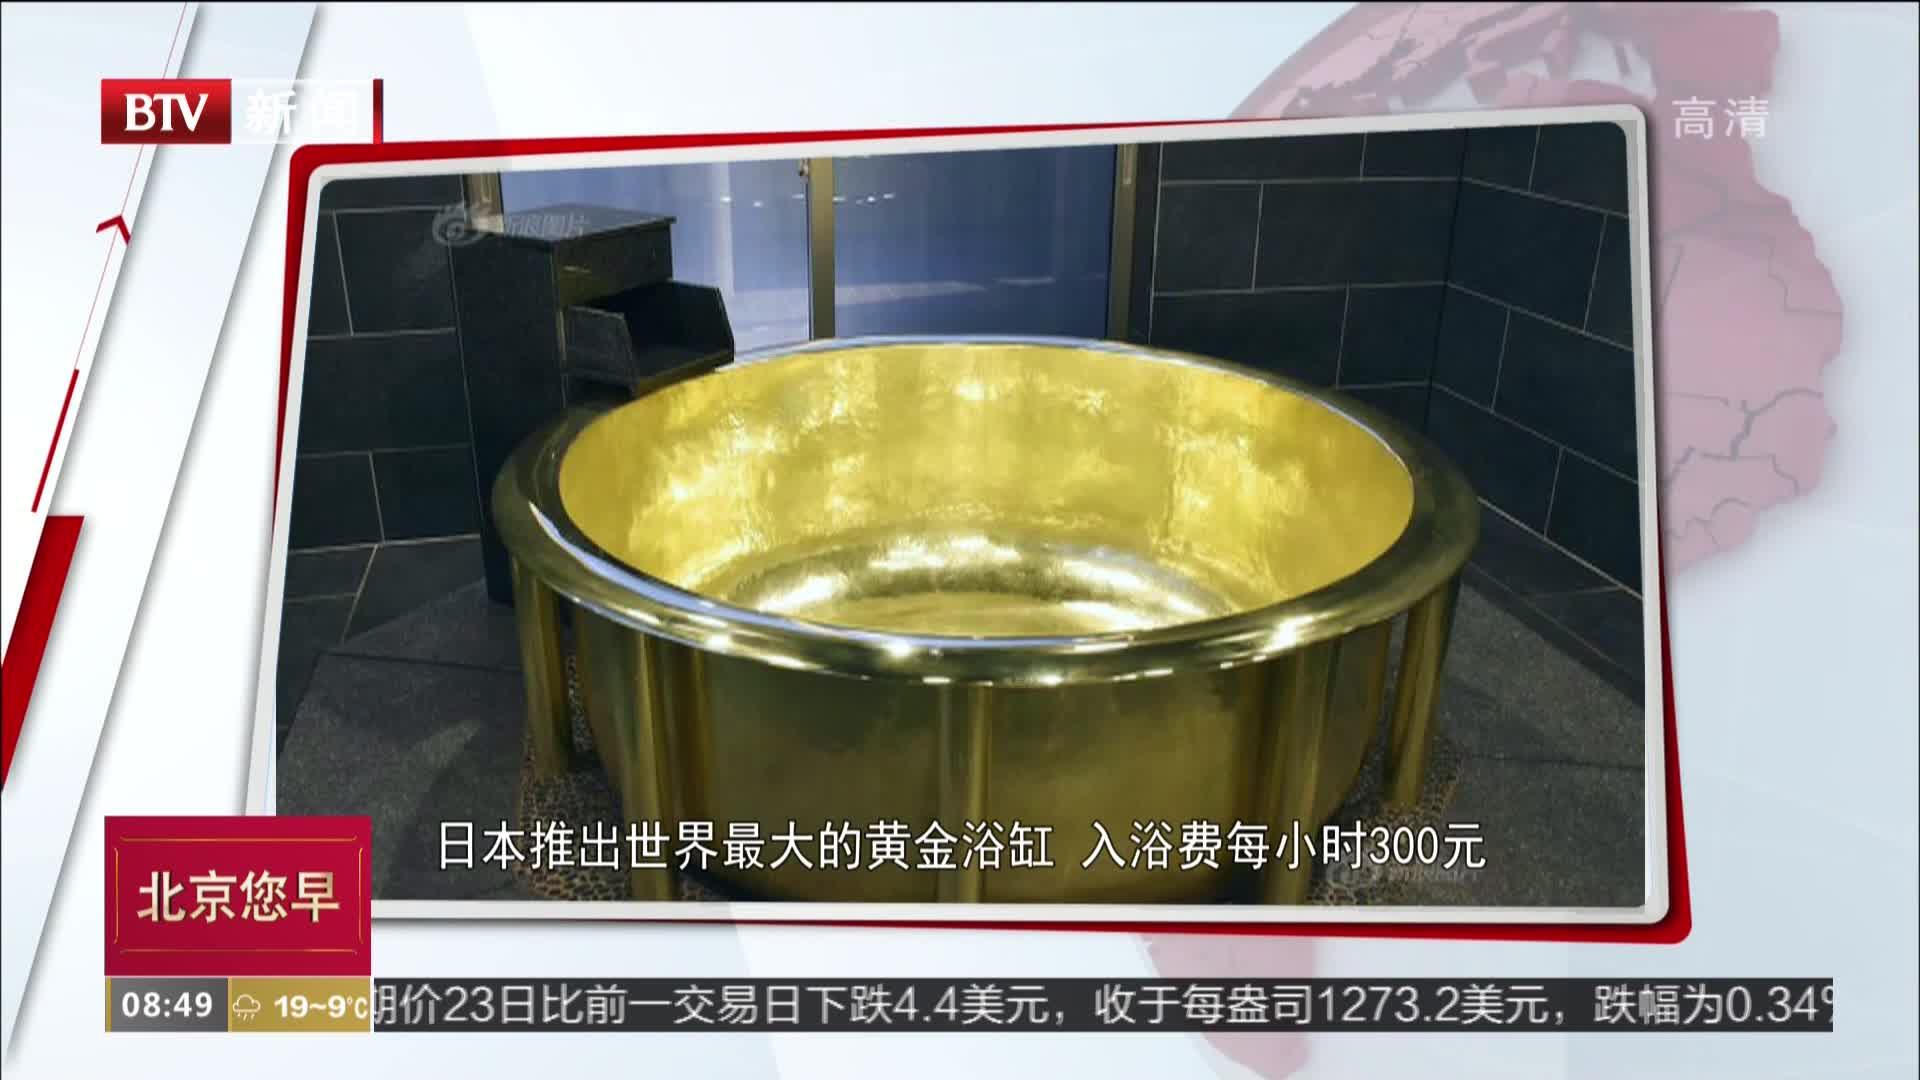 [视频]日本推出世界最大的黄金浴缸 入浴费每小时300元